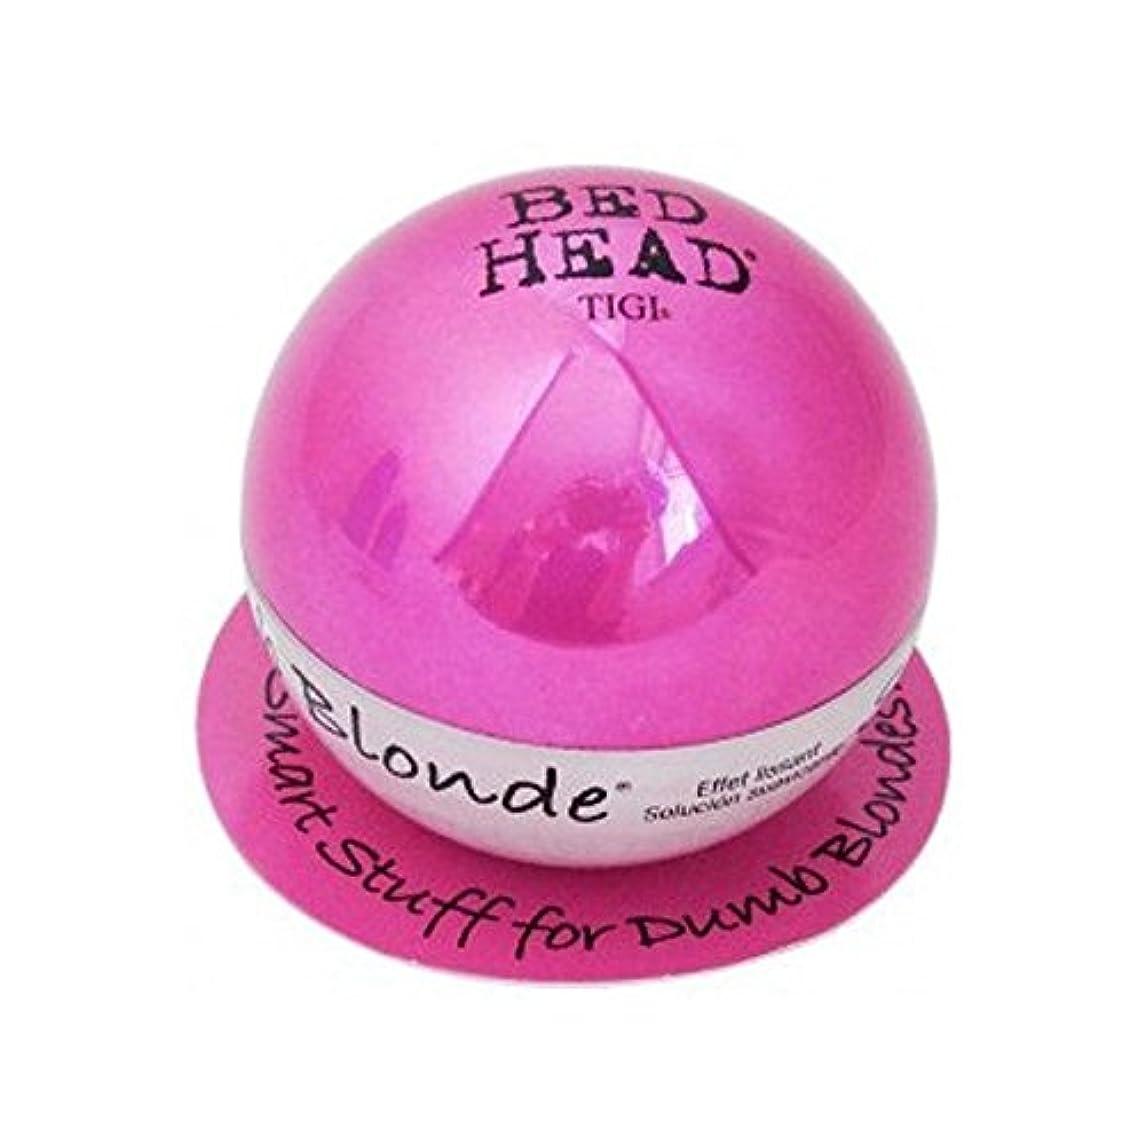 広告するレコーダー窓を洗うTigi Bed Head Dumb Blonde Smoothing Stuff (42G) - ティジーベッドヘッドダムブロンドスムージングスタッフ(42グラム) [並行輸入品]